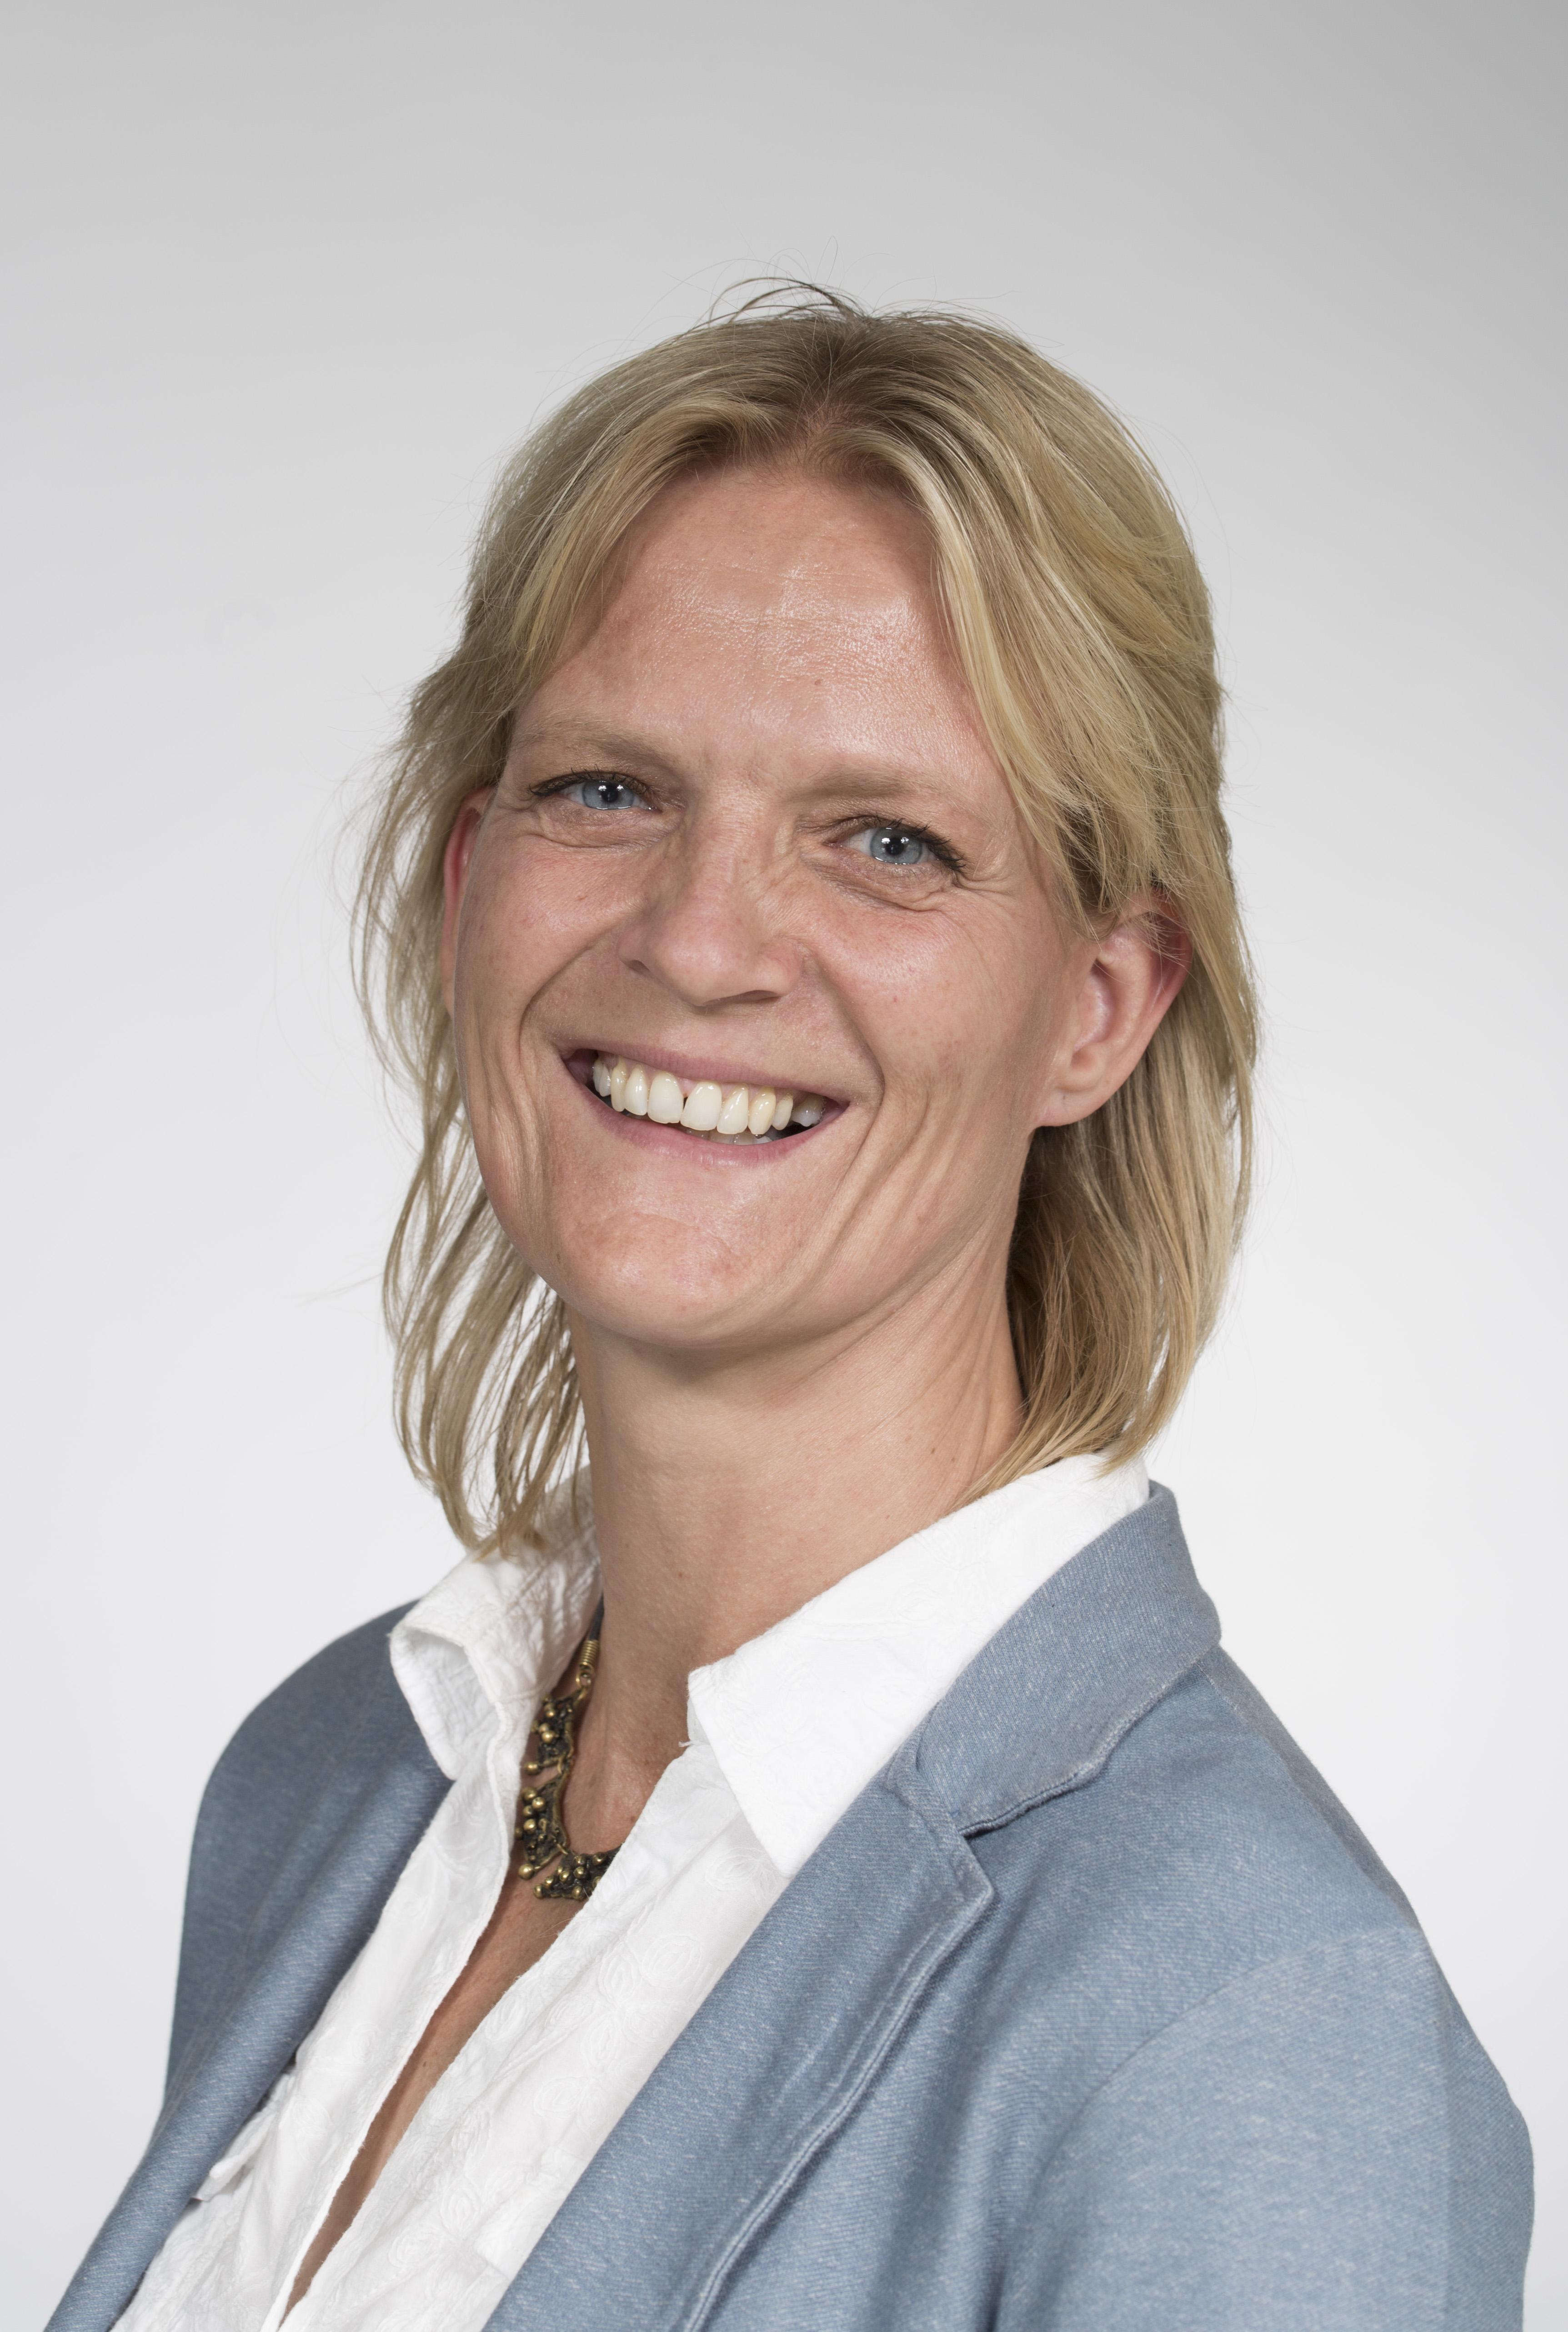 Jannie Koster